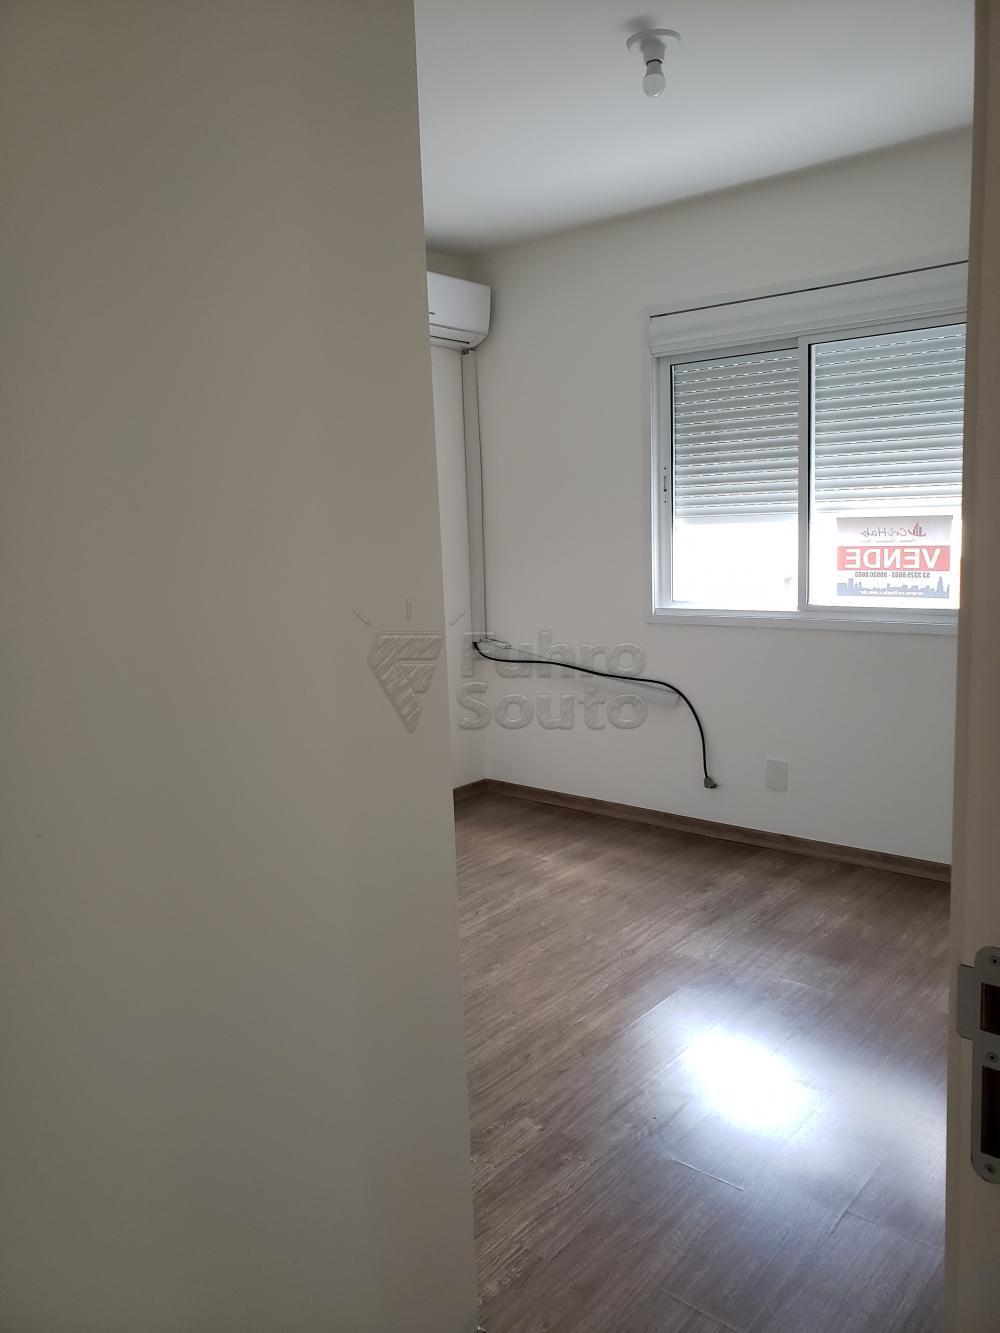 Comprar Apartamento / Padrão em Pelotas R$ 339.000,00 - Foto 7